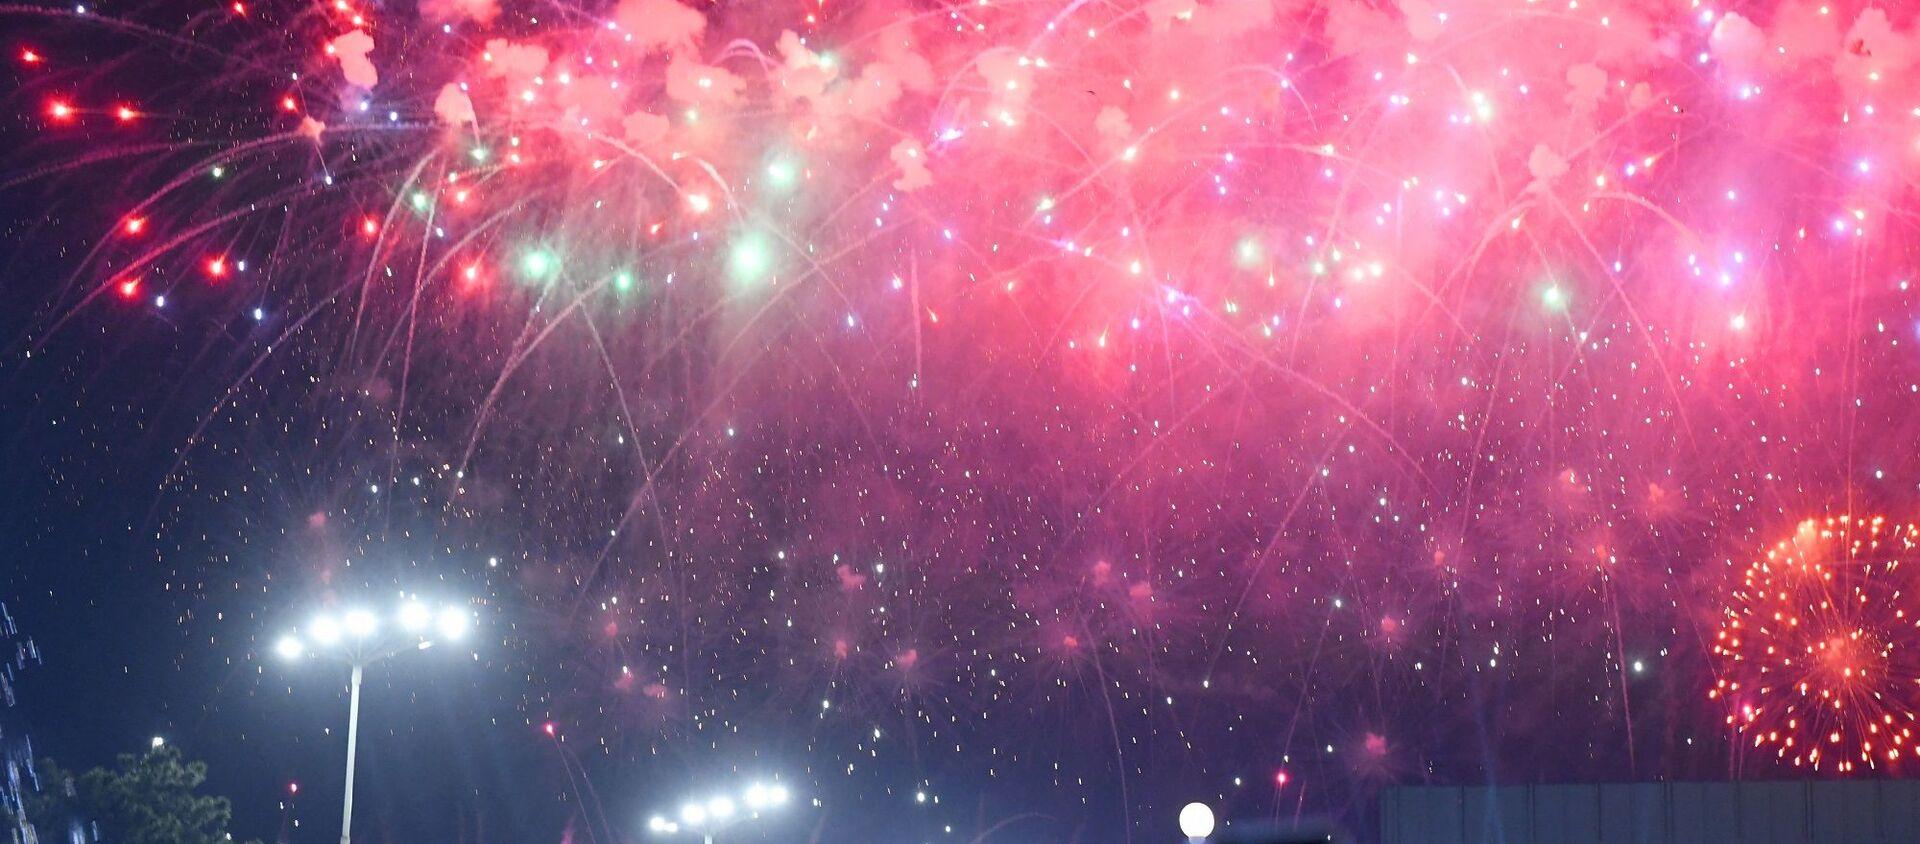 Праздничный салют в честь Дня Памяти и Почестей в Ташкенте - Sputnik Узбекистан, 1920, 09.05.2019